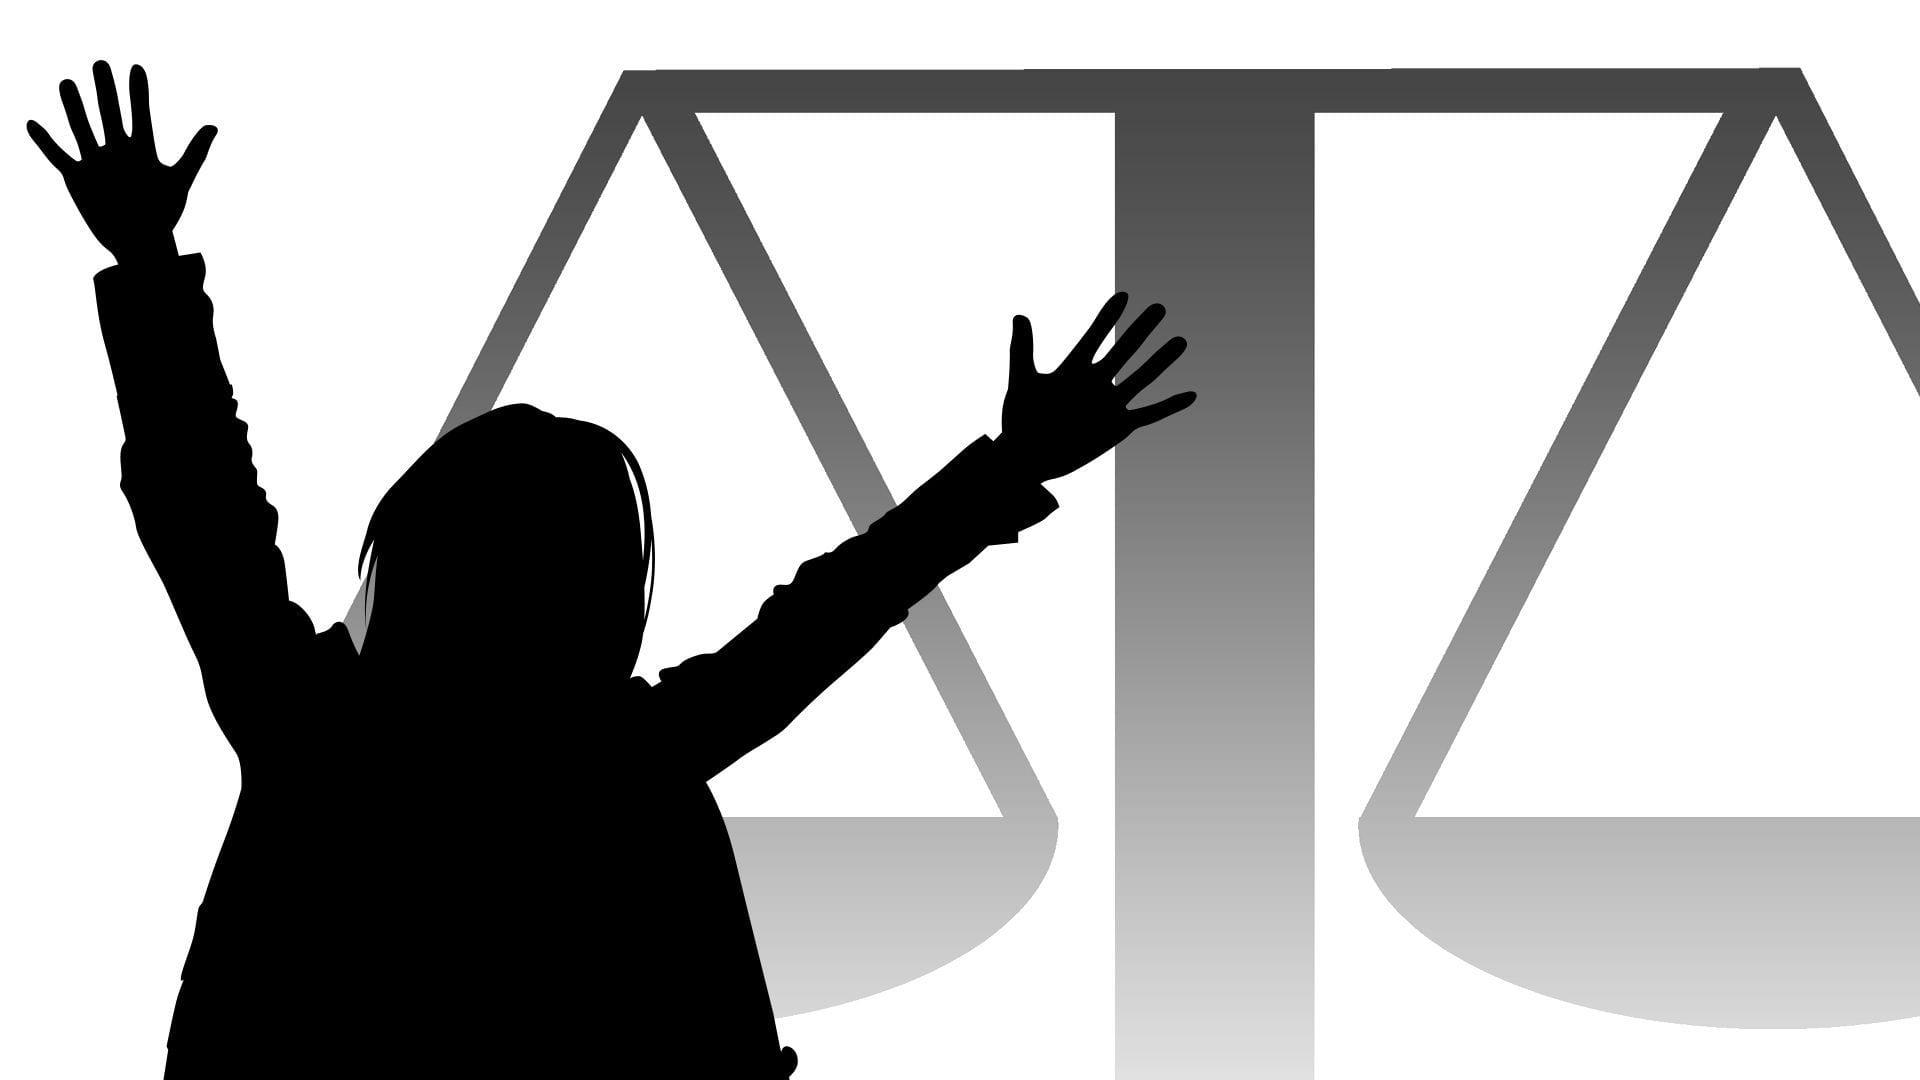 ¿Es obligatorio haber efectuado la reclamación previa en accidentes de tráfico sucedidos antes de 2016 para poner interponer una semanda contra el seguro?